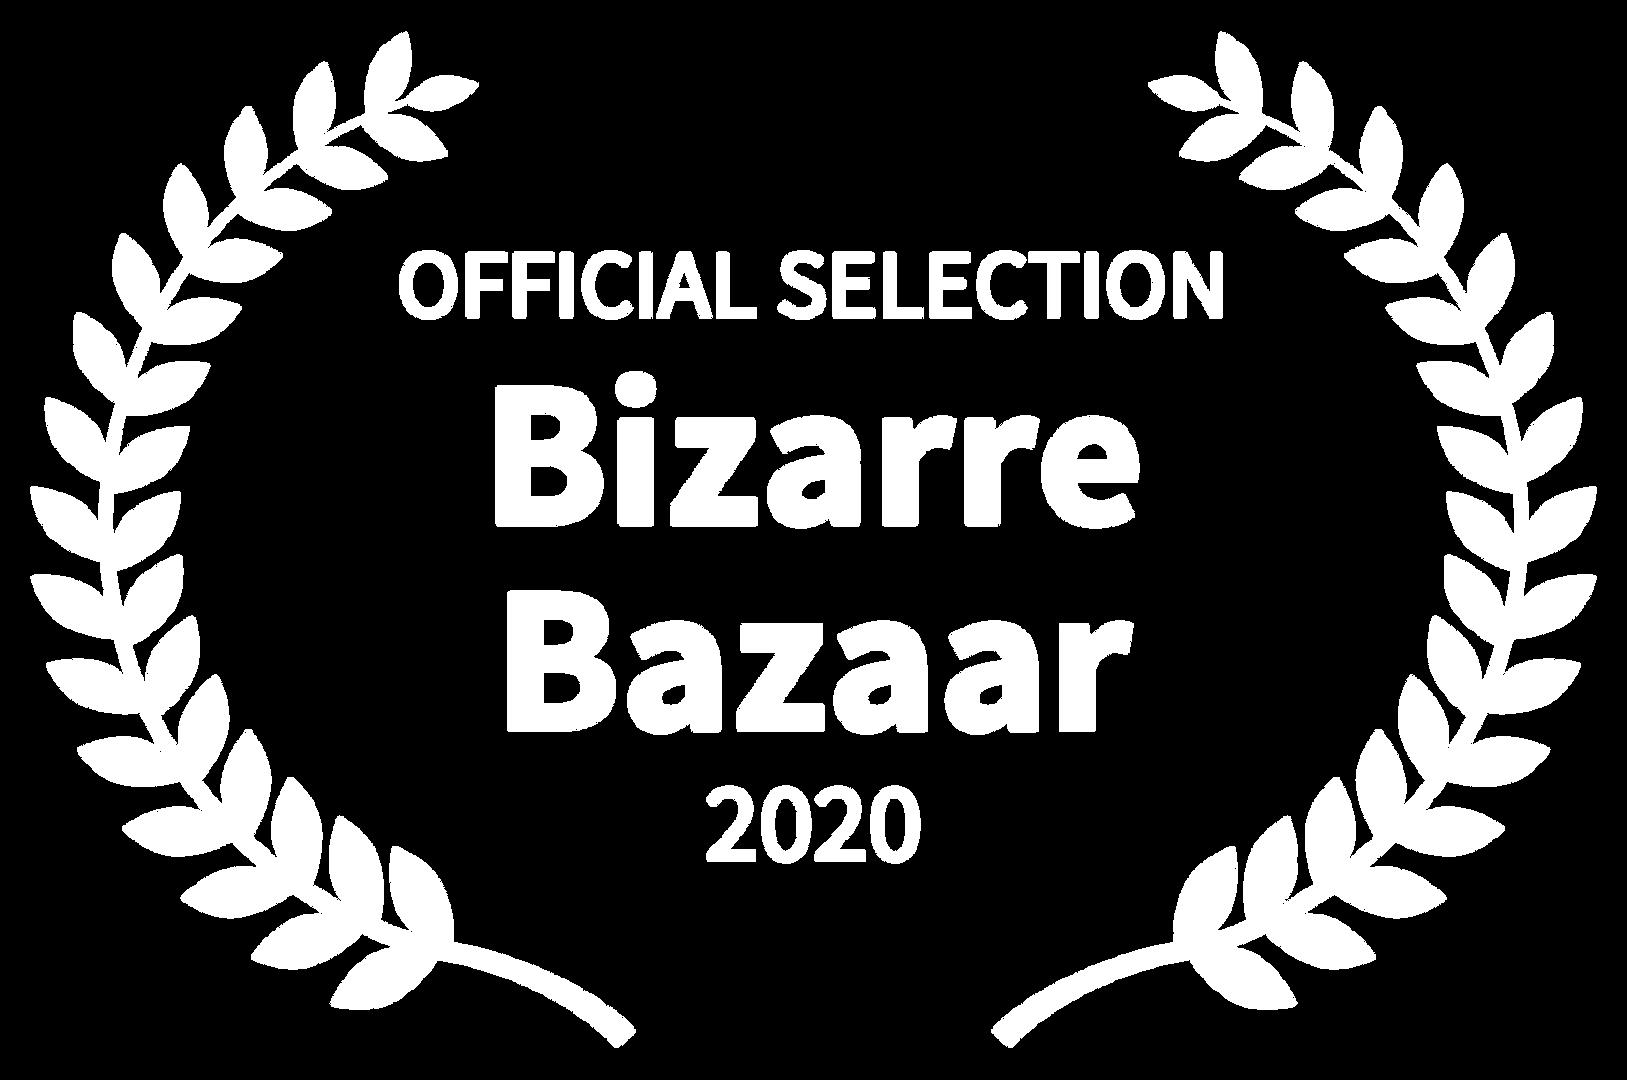 OFFICIAL SELECTION - Bizarre Bazaar - 20